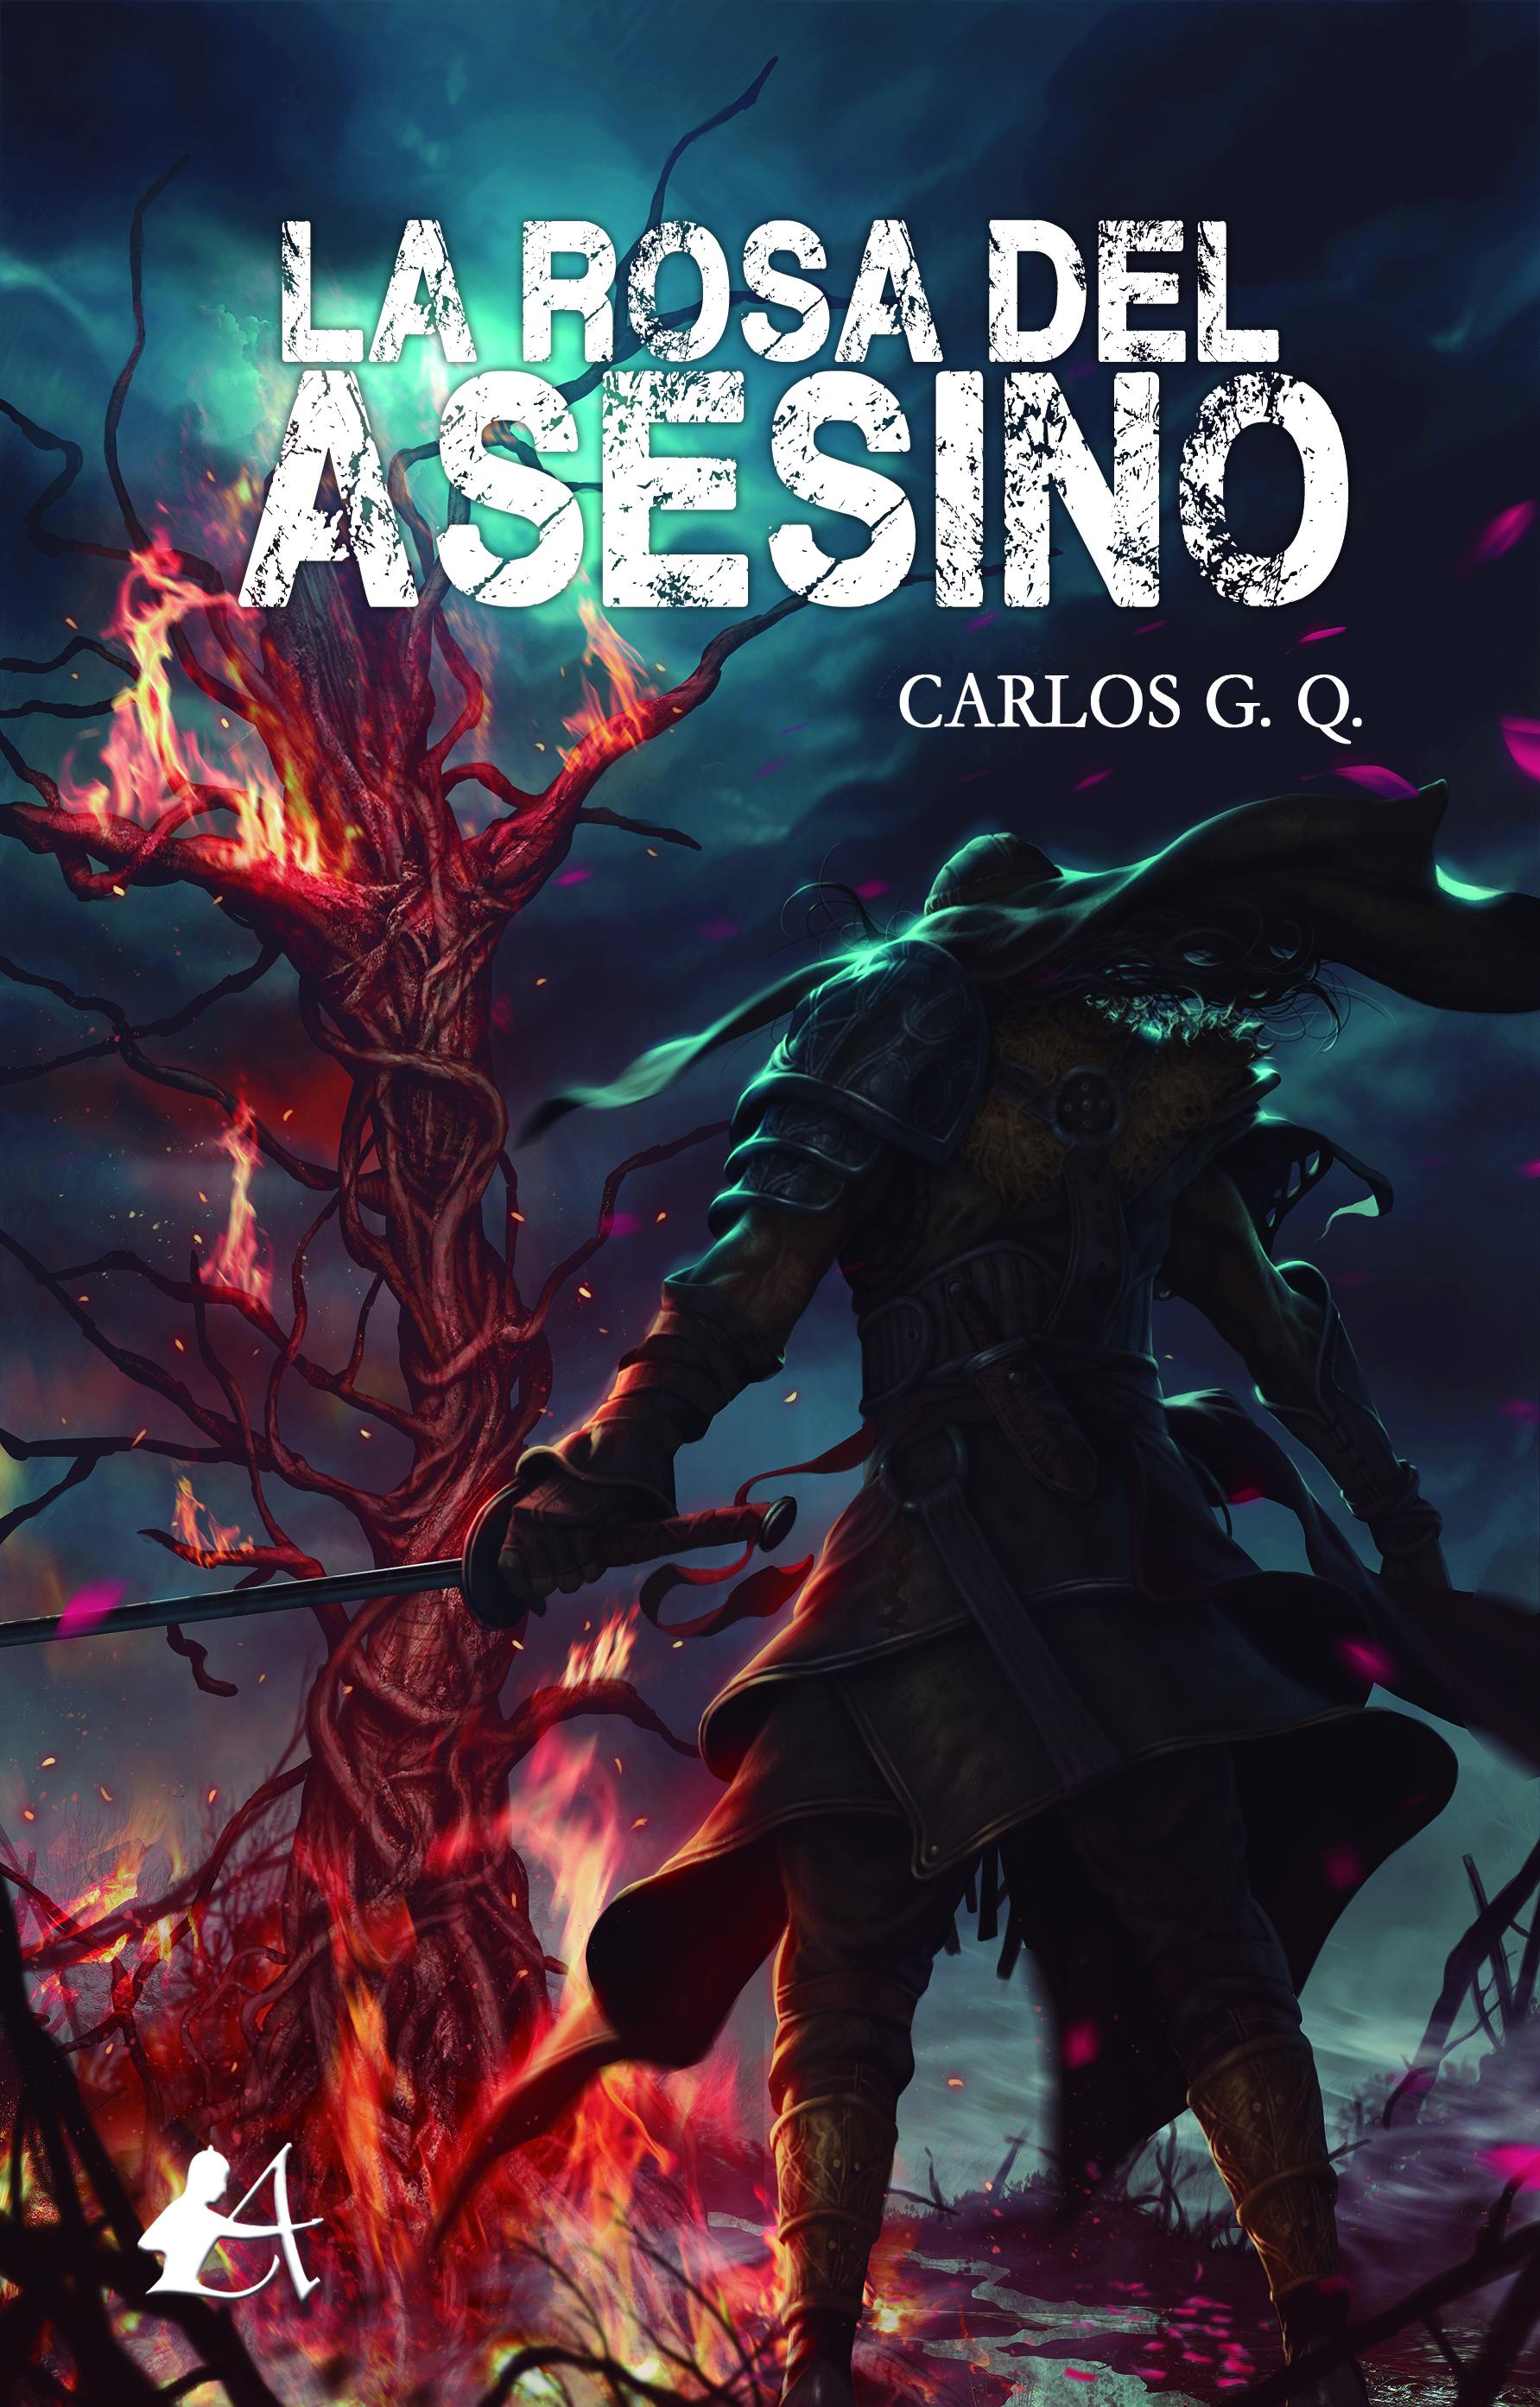 Portada del libro La rosa del asesino de Carlos Gómez Quintana. Editorial Adarve, Librería Capitán Letras